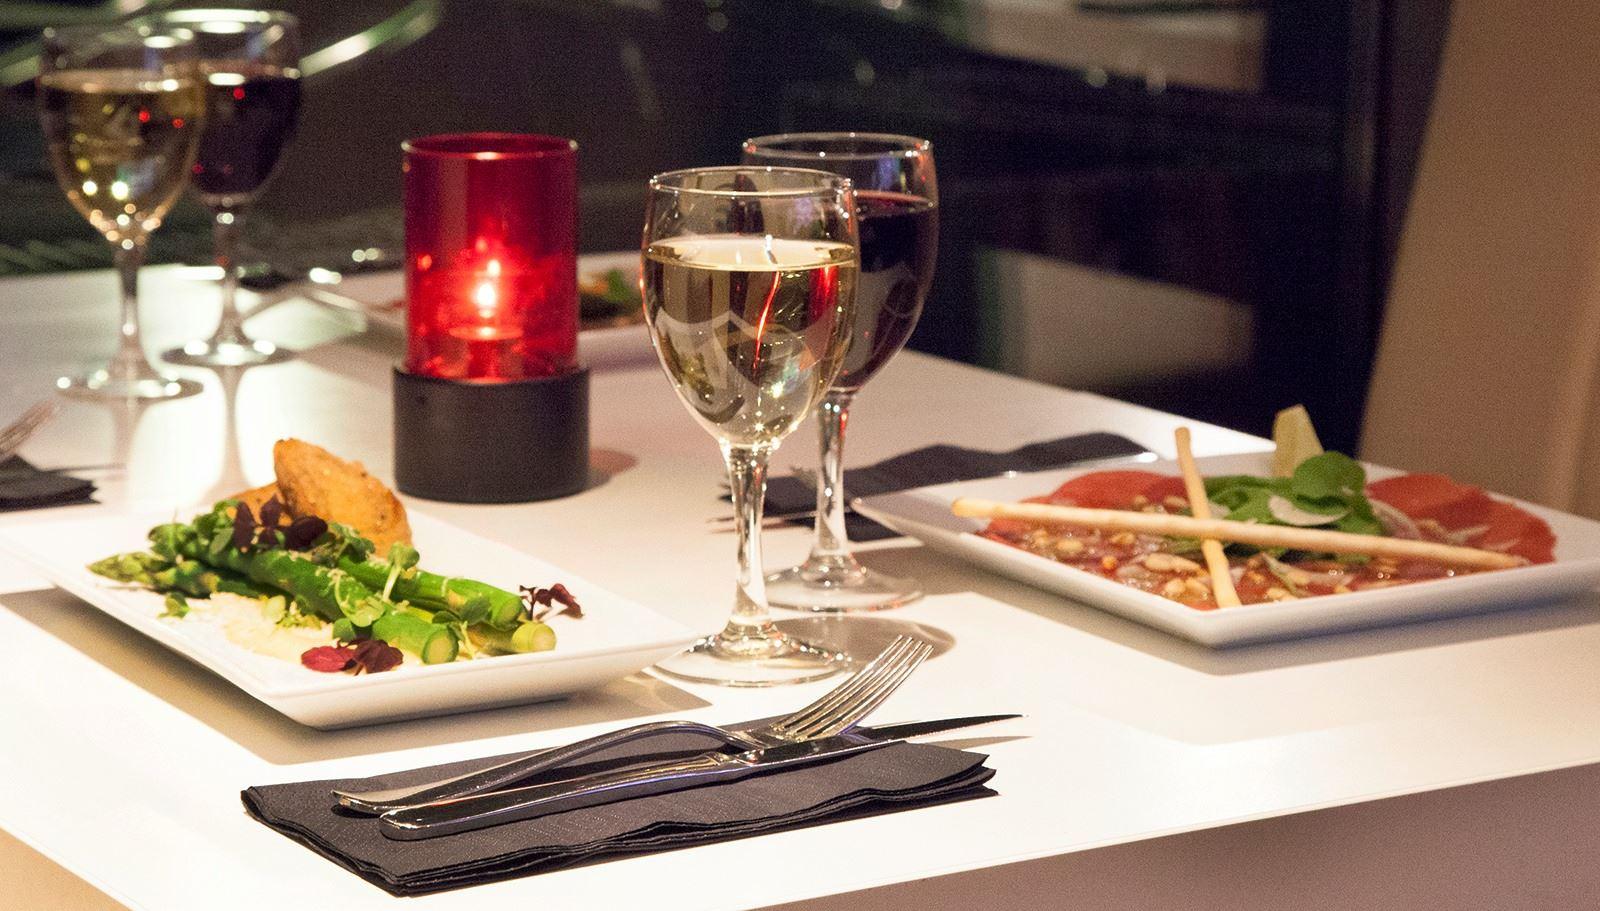 Restaurang 4 Krogar vid sjön - 4 Restaurants am See